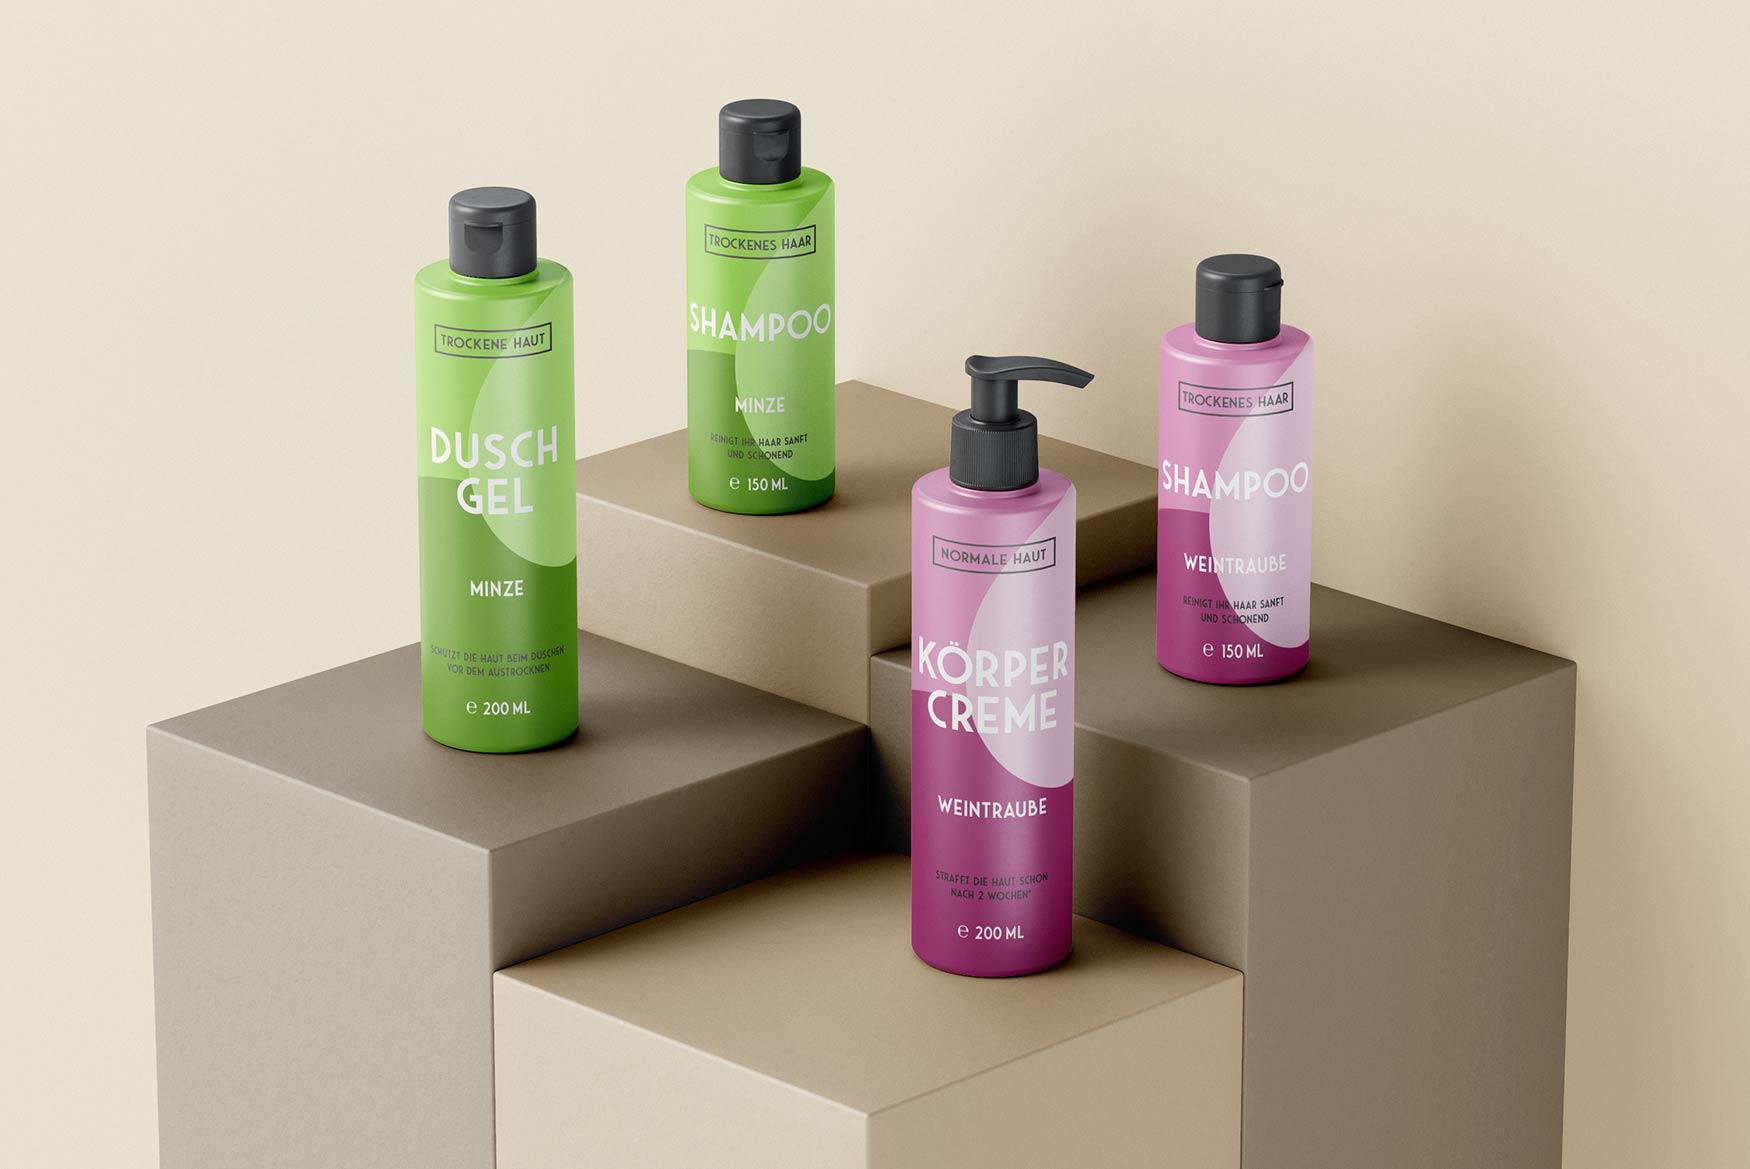 Verpackungsdesign-Naturkosmetik-3-Designagentur-Stuttgart-Kreativbetrieb